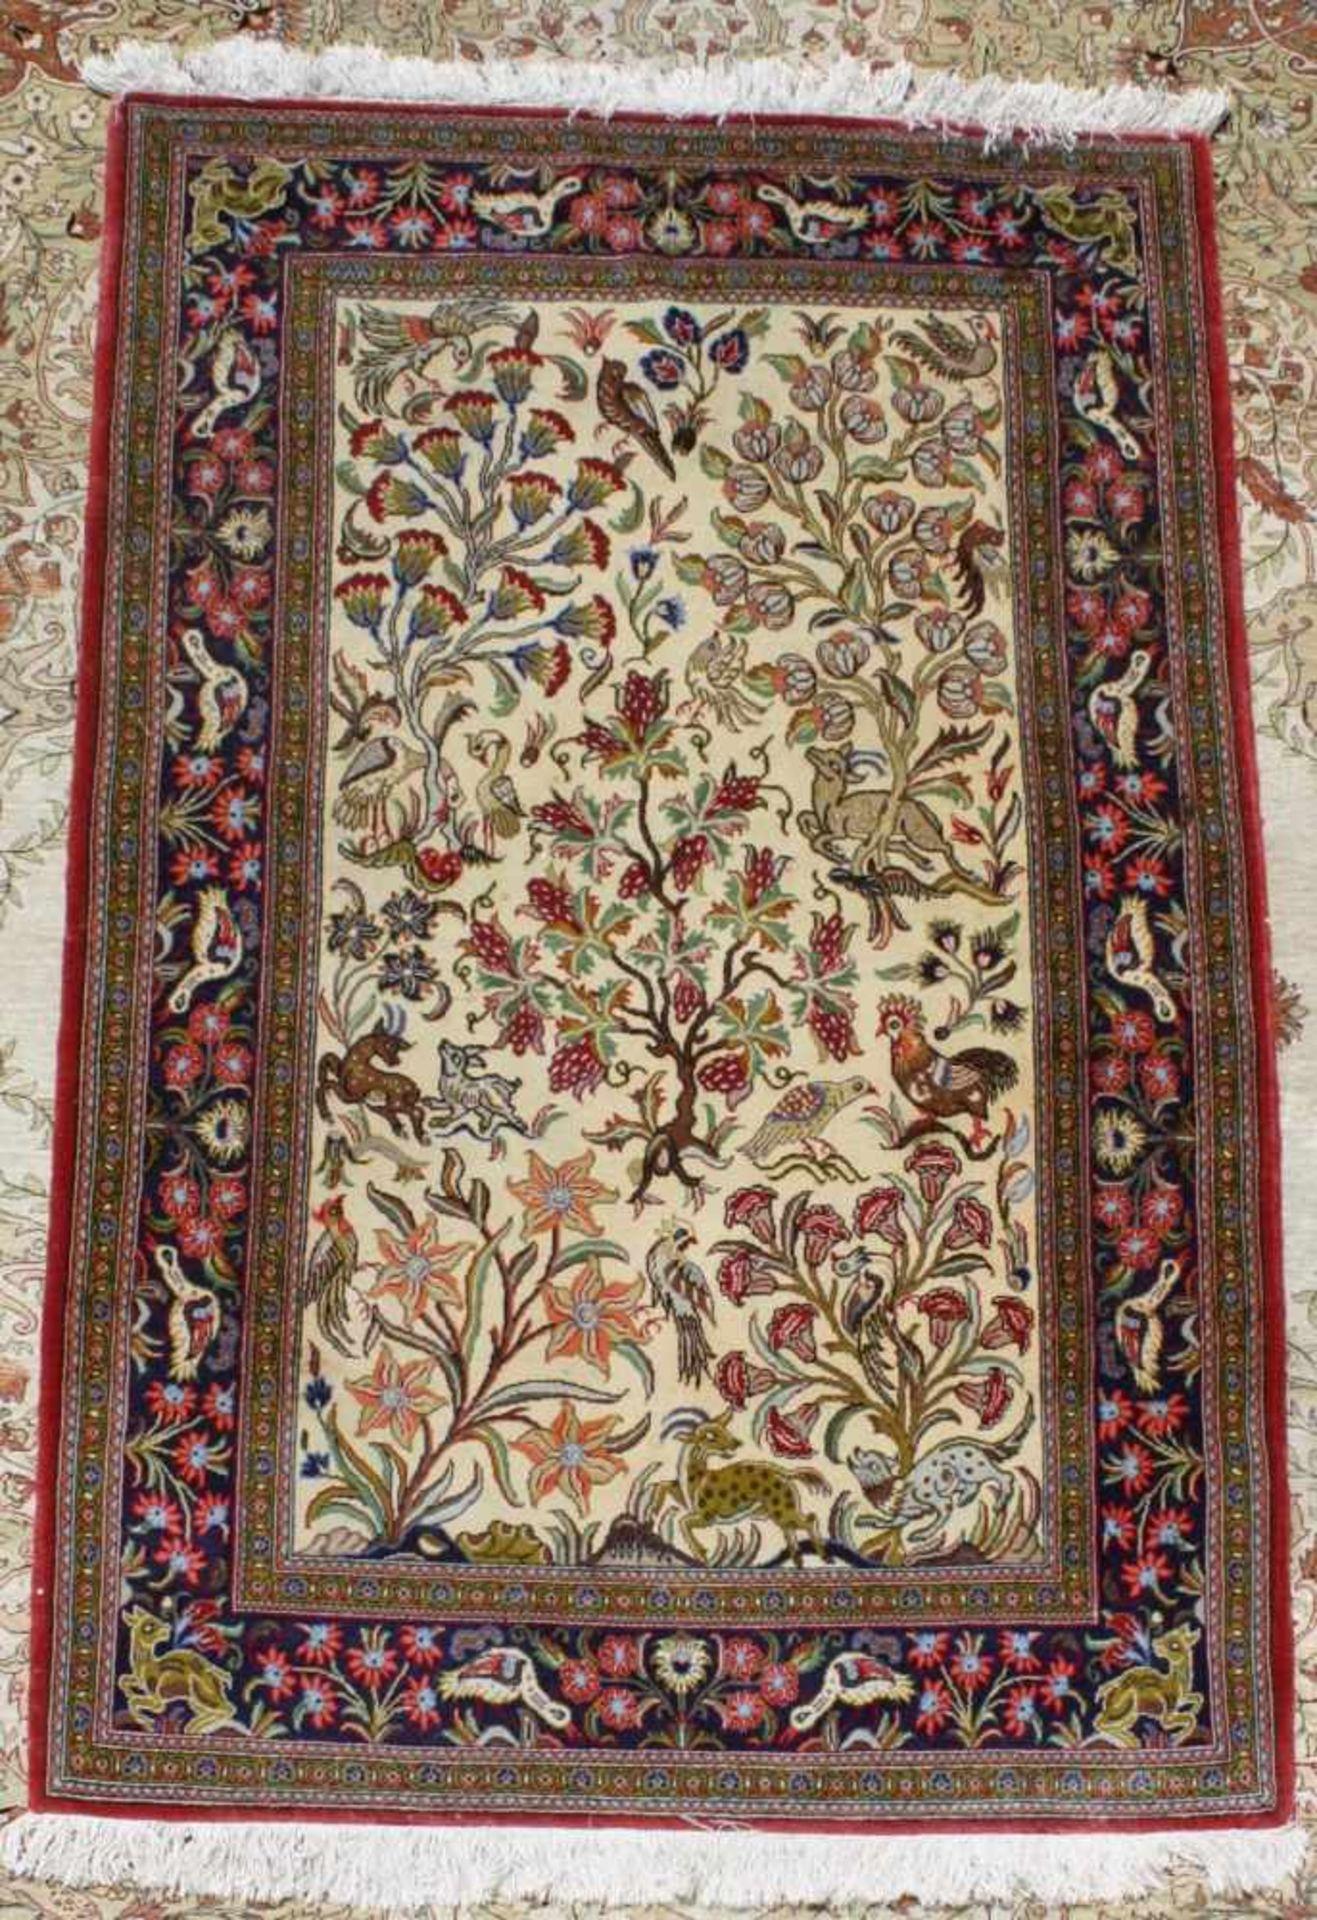 Ghom, Persien 2. Hälfte 20. Jh.Buntes Tier und Blumenmotiv, Wolle auf Wolle, ca. 105 x 167 cm